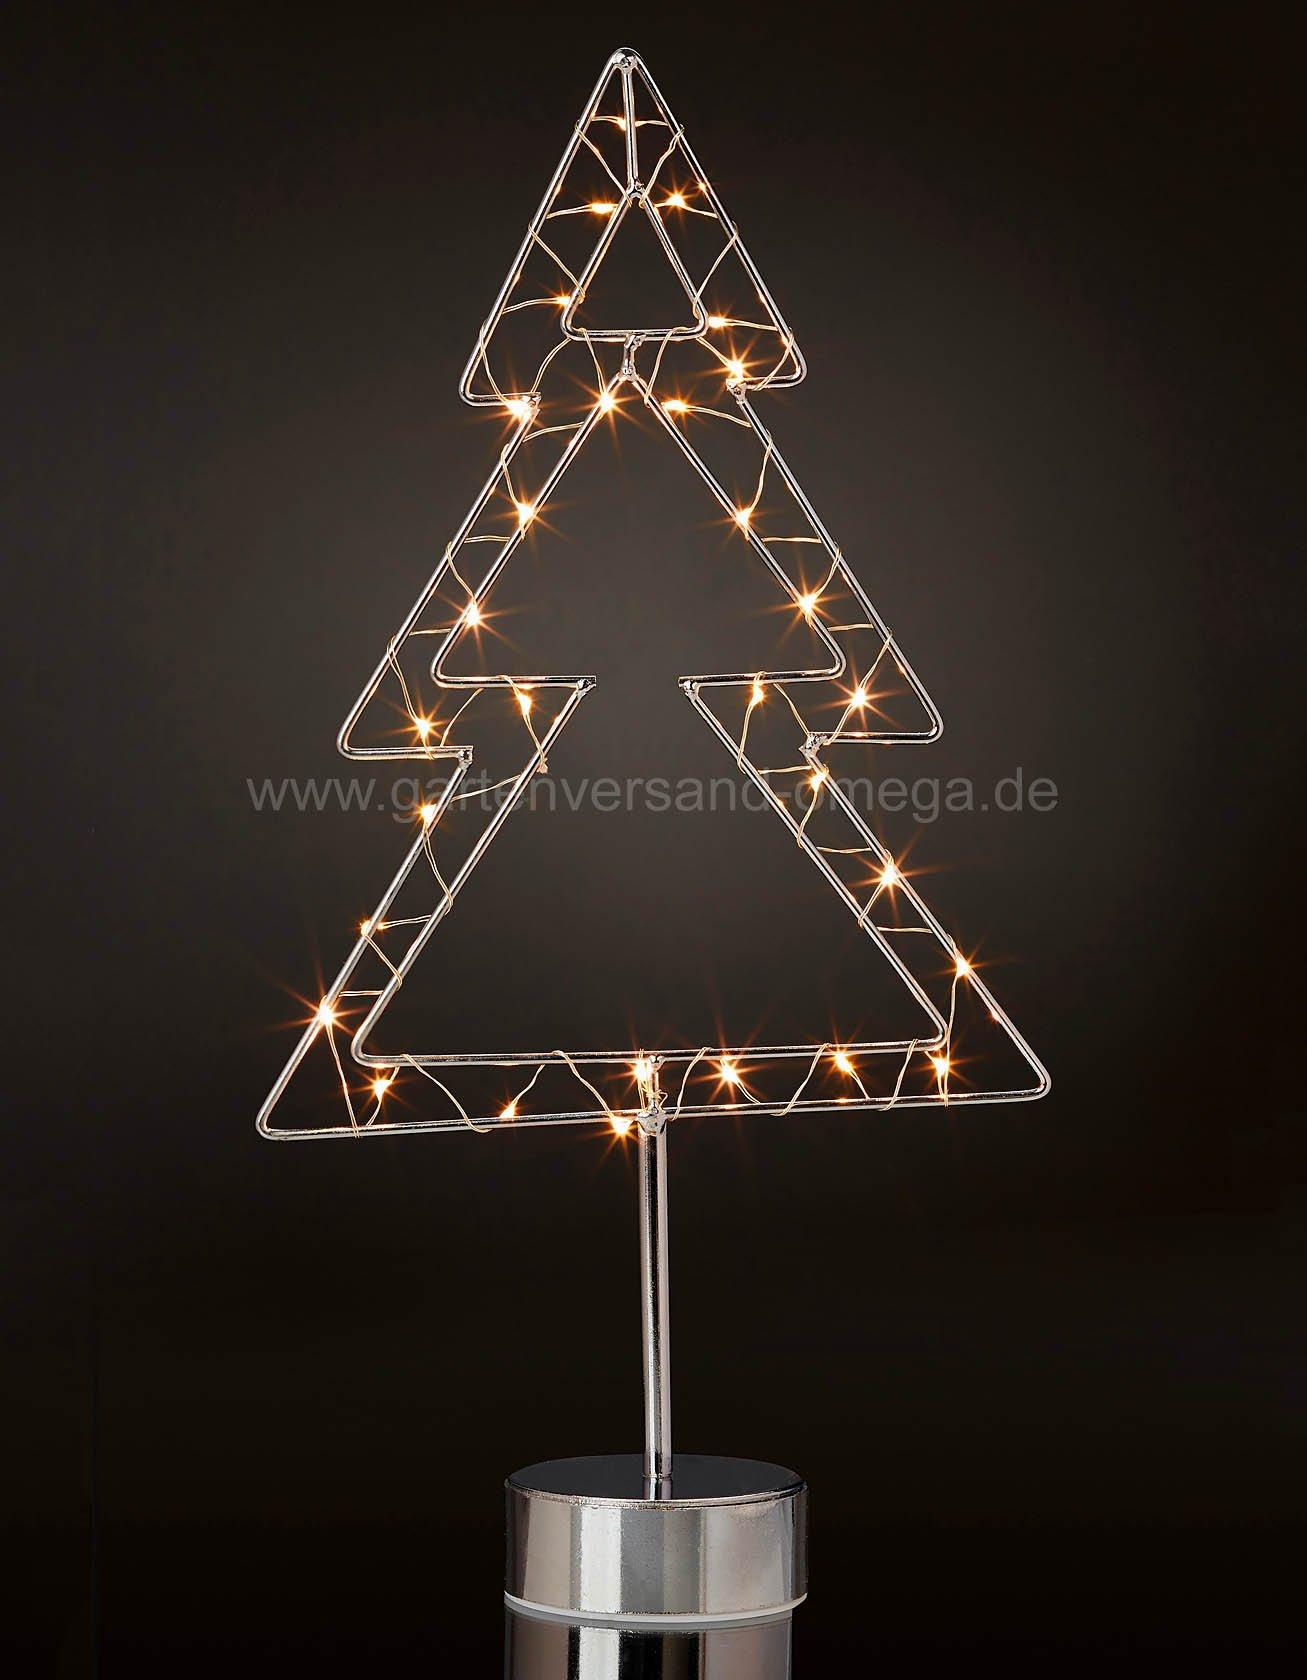 led metalltannenbaum weihnachtsdekoration aus metall weihnachtsbeleuchtung zum aufstellen. Black Bedroom Furniture Sets. Home Design Ideas